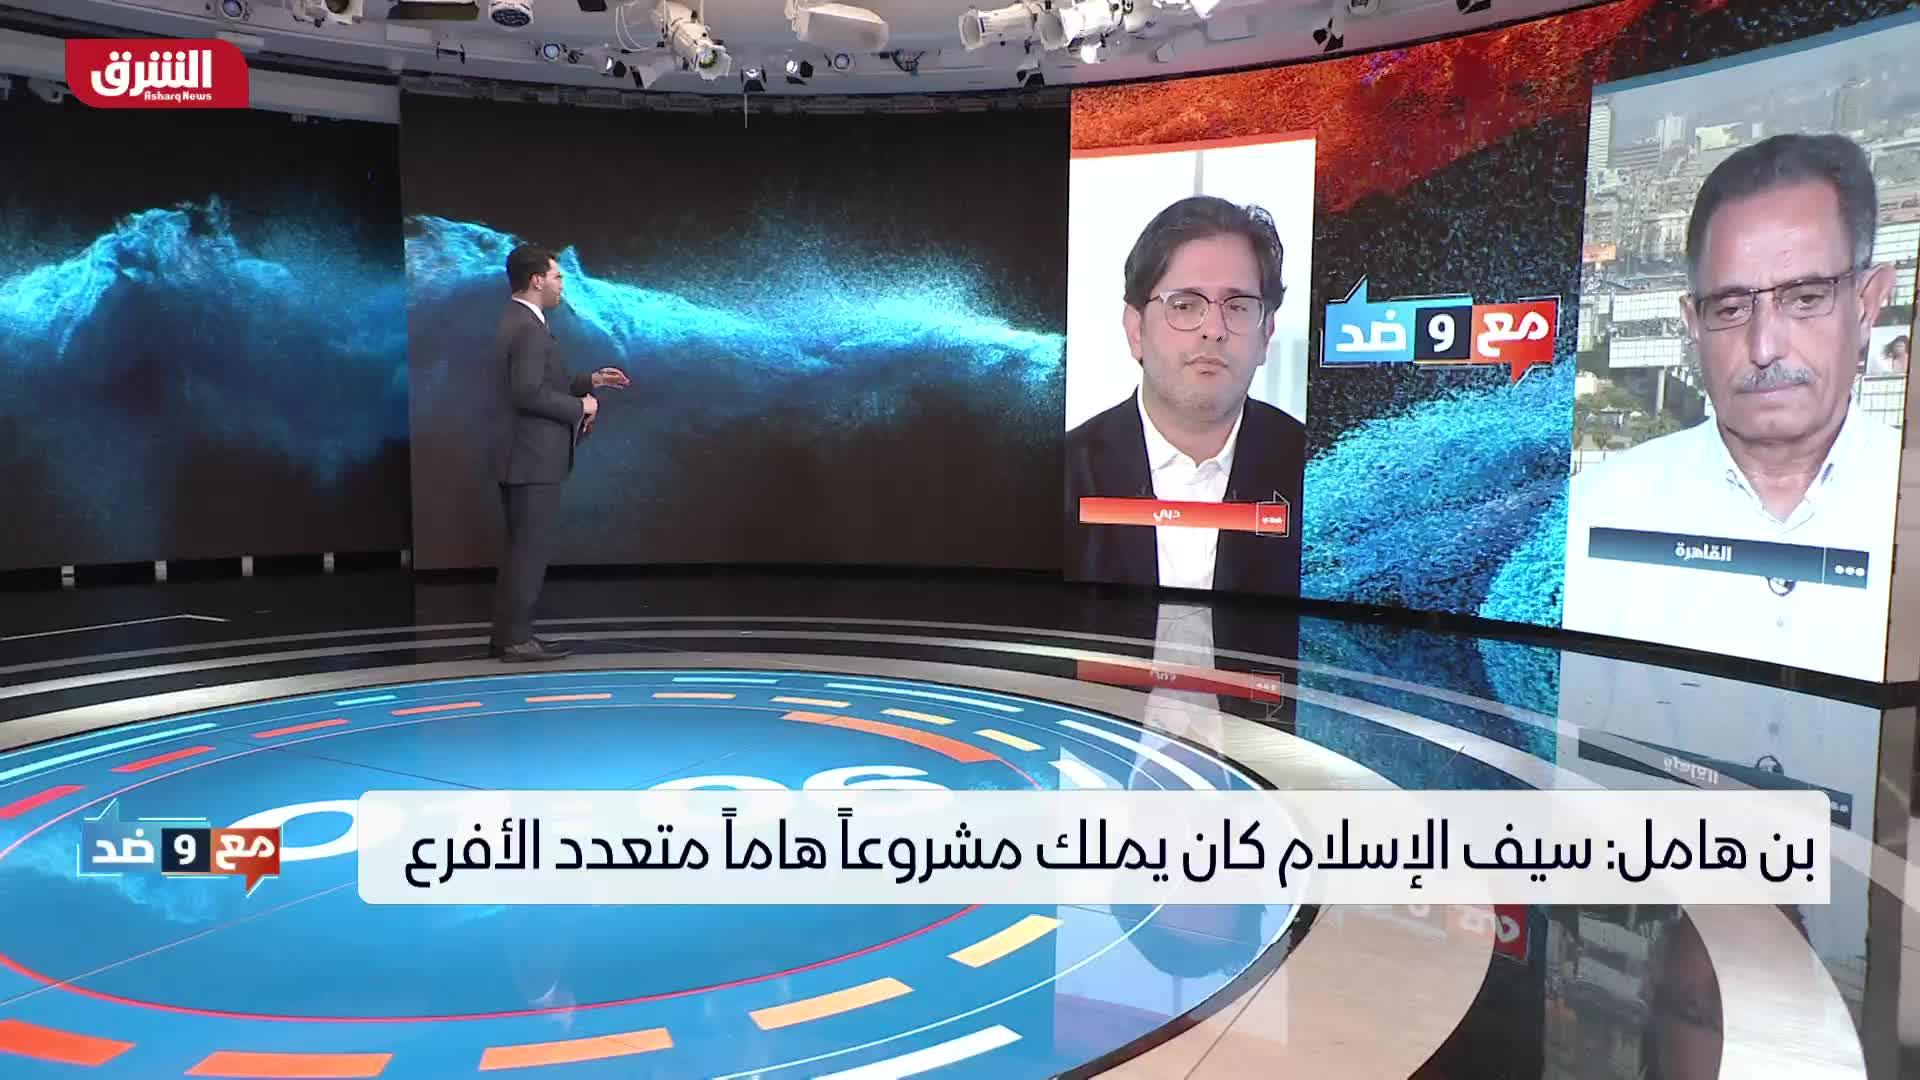 ما الذي يجعل سيف الإسلام قادرًا على جمع الفرقاء في ليبيا بعد عقد من الصراع؟